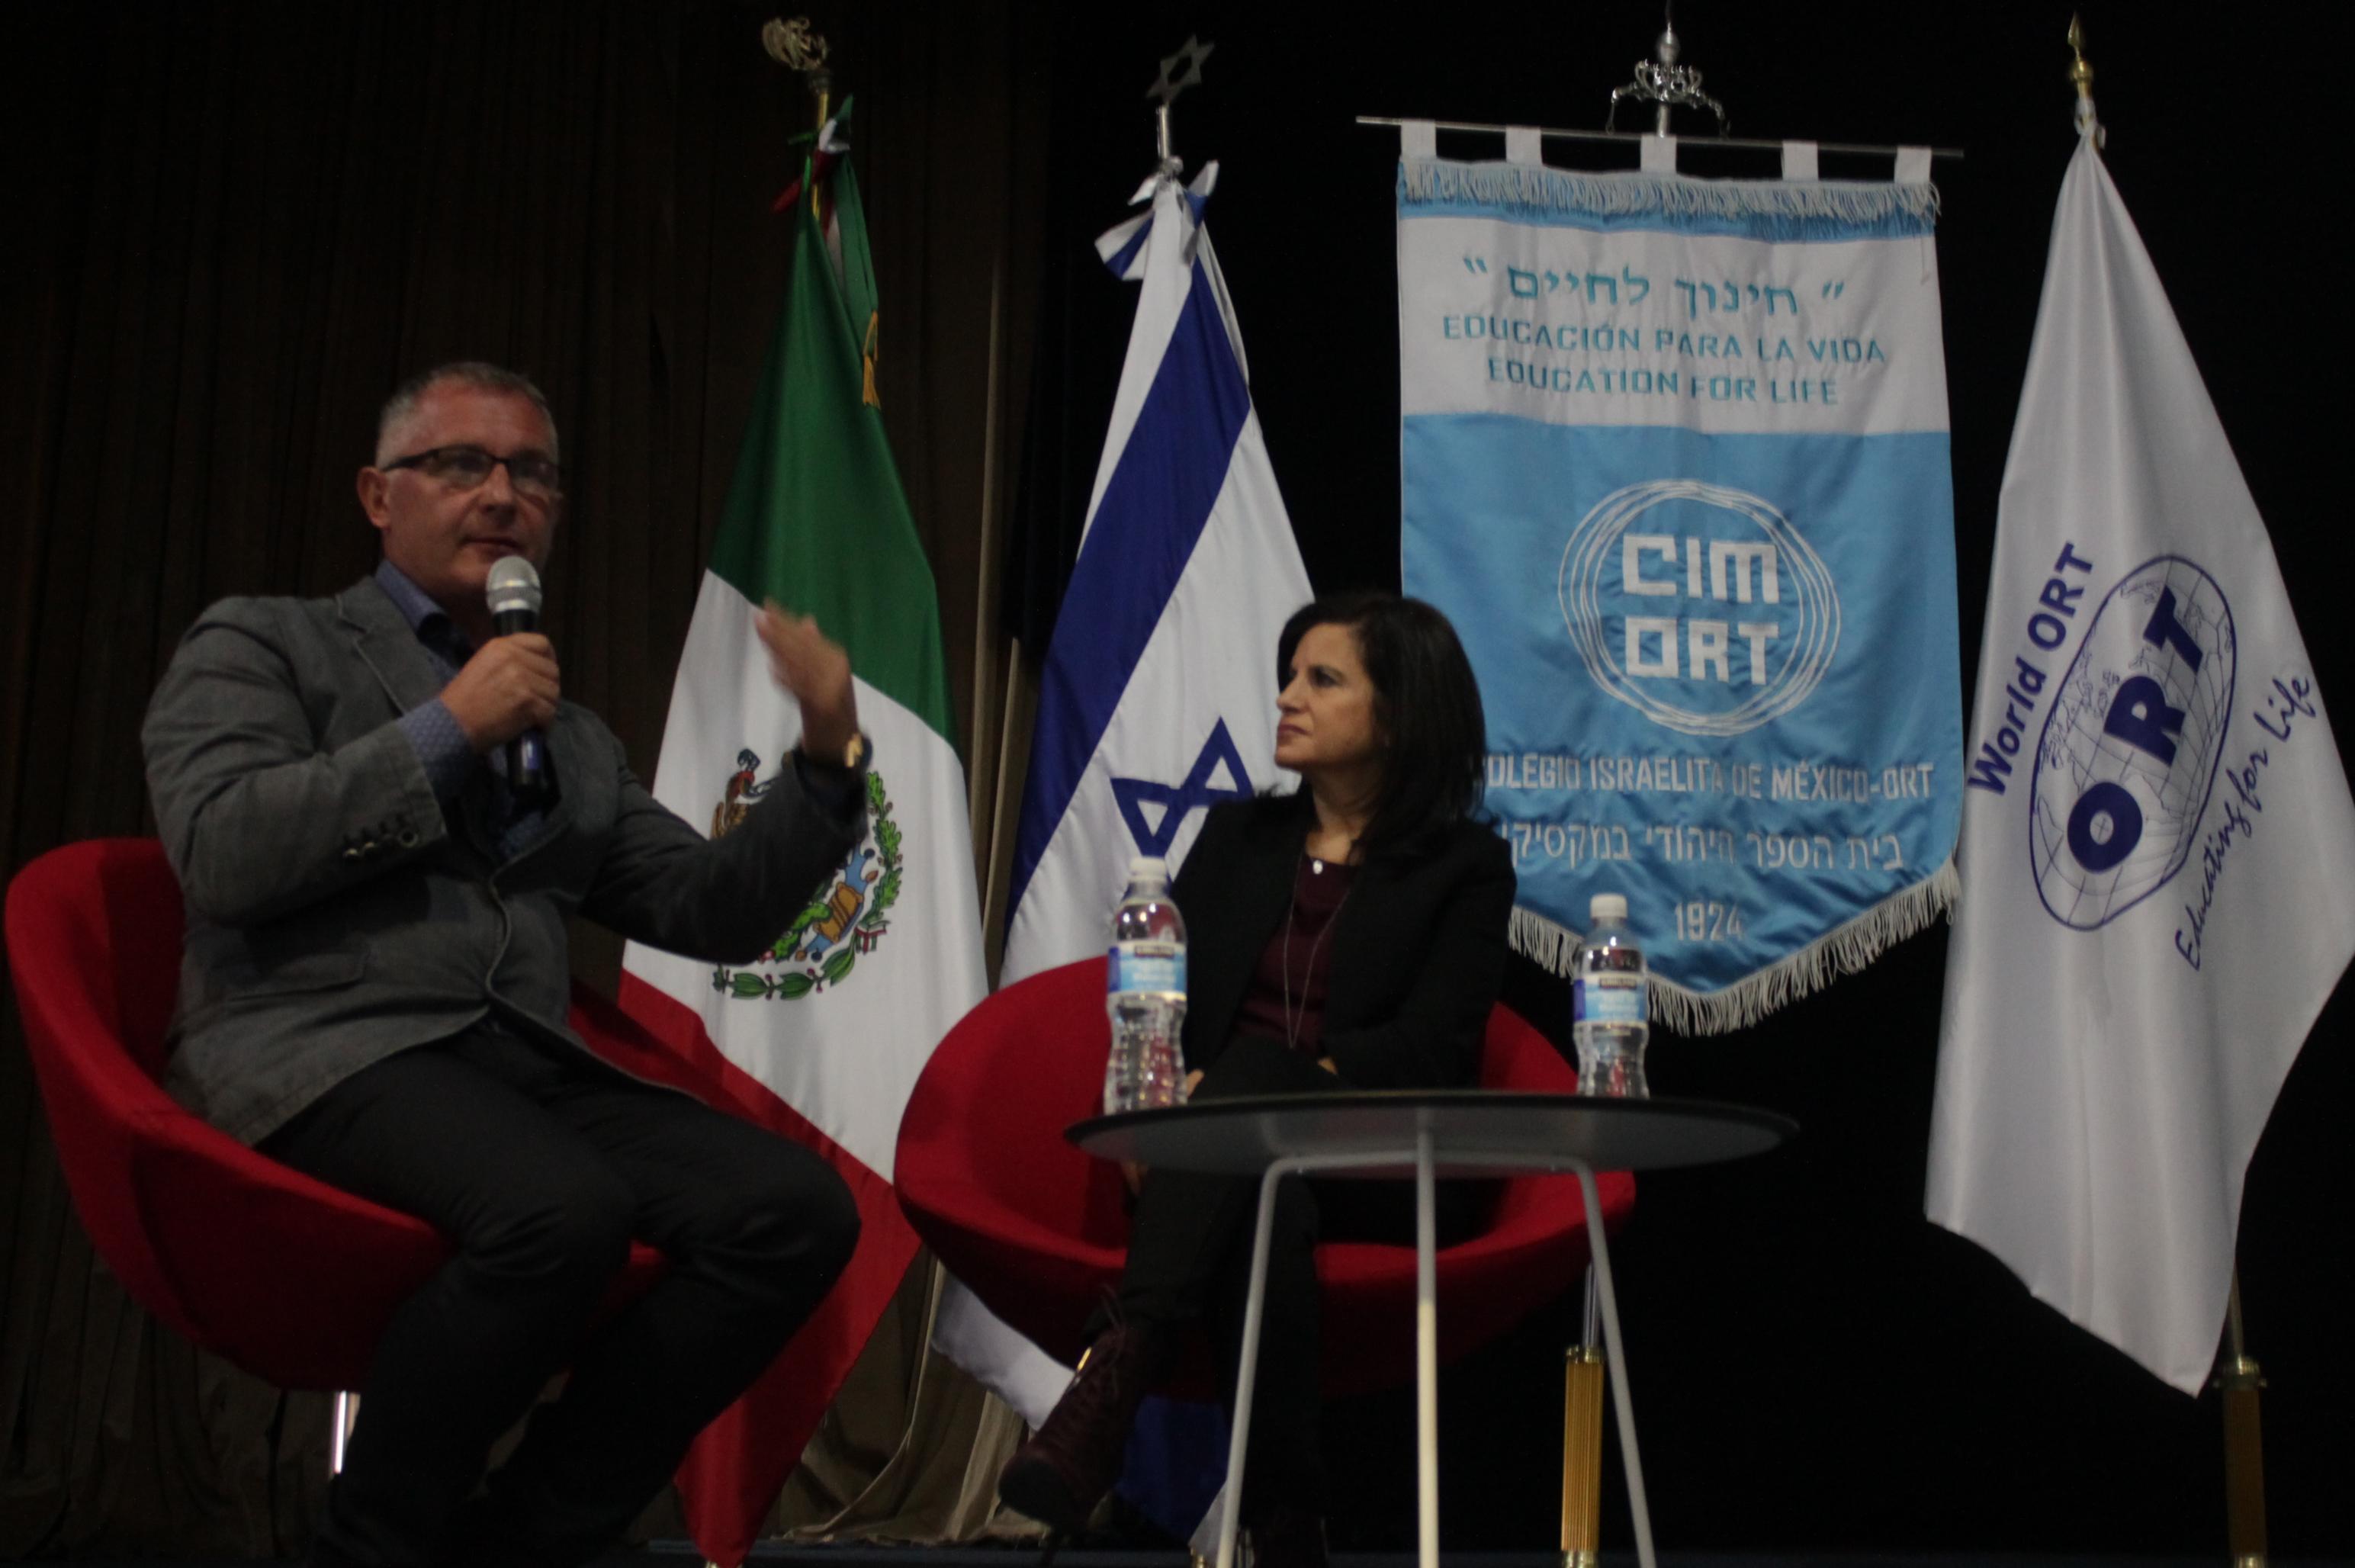 «Amnesia» del asesinato de judíos en Kielce presentada en CIM ORT